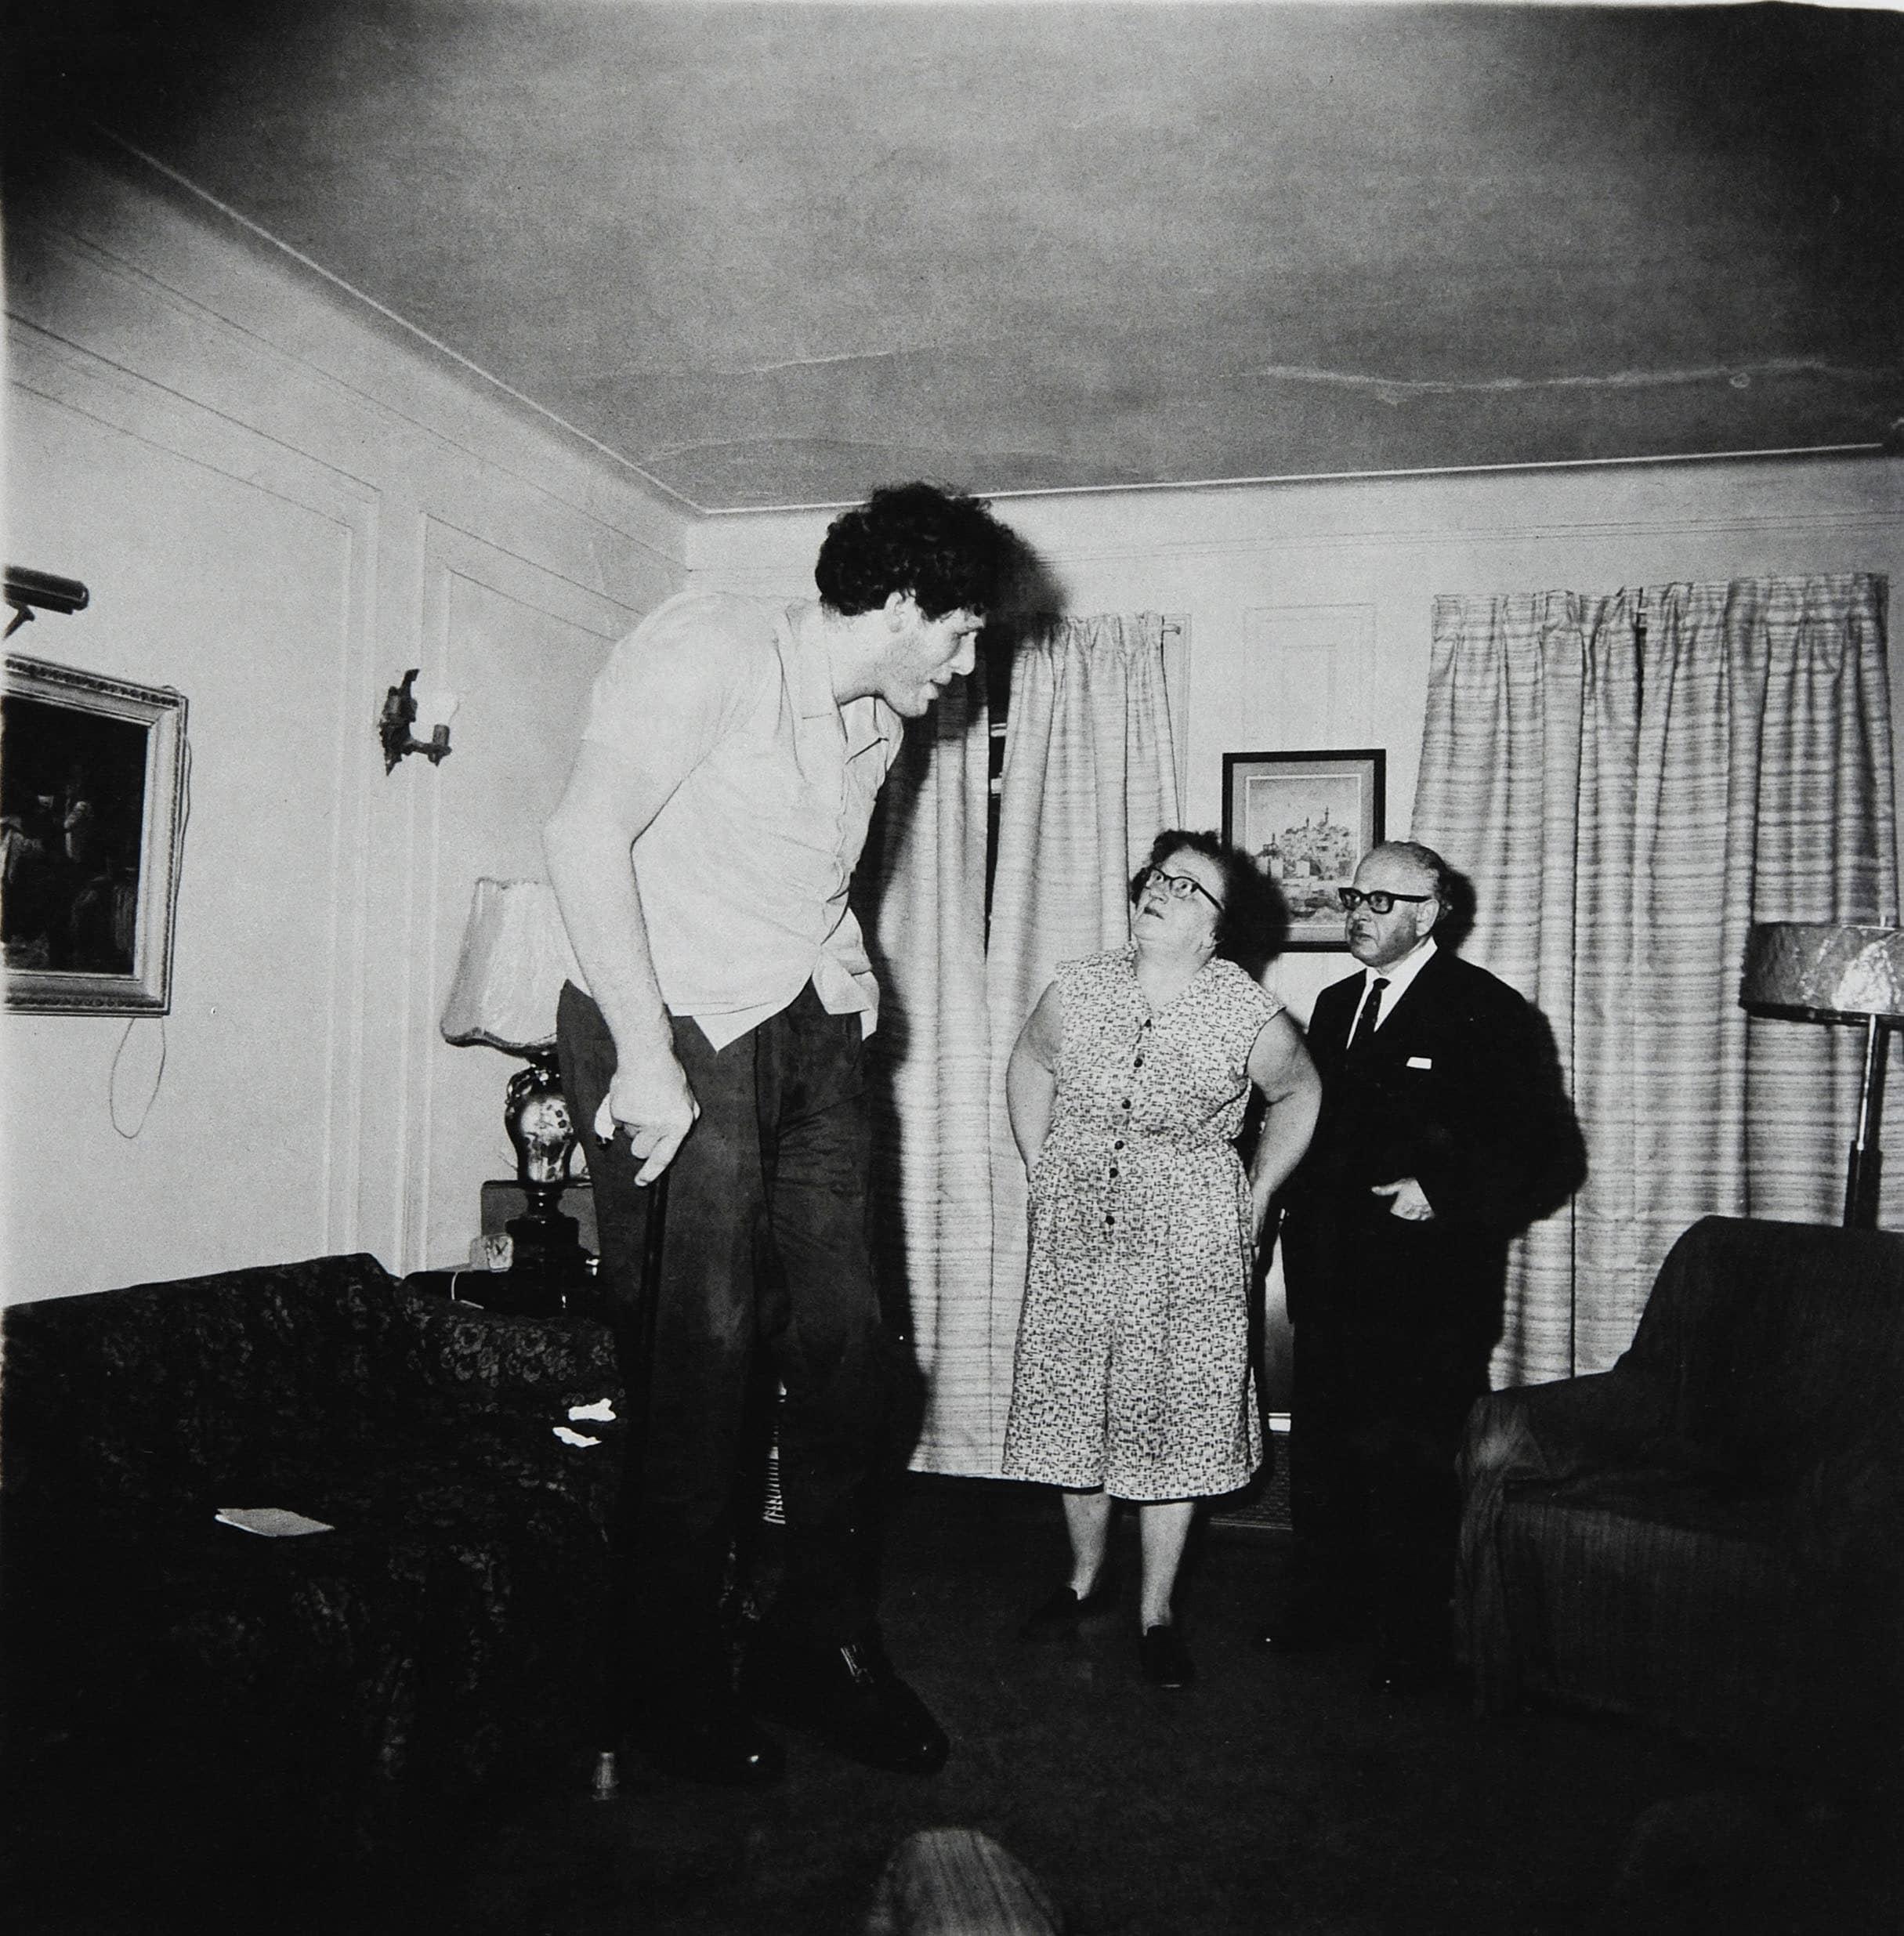 Hombre gigante fotografiado por Diane Arbus